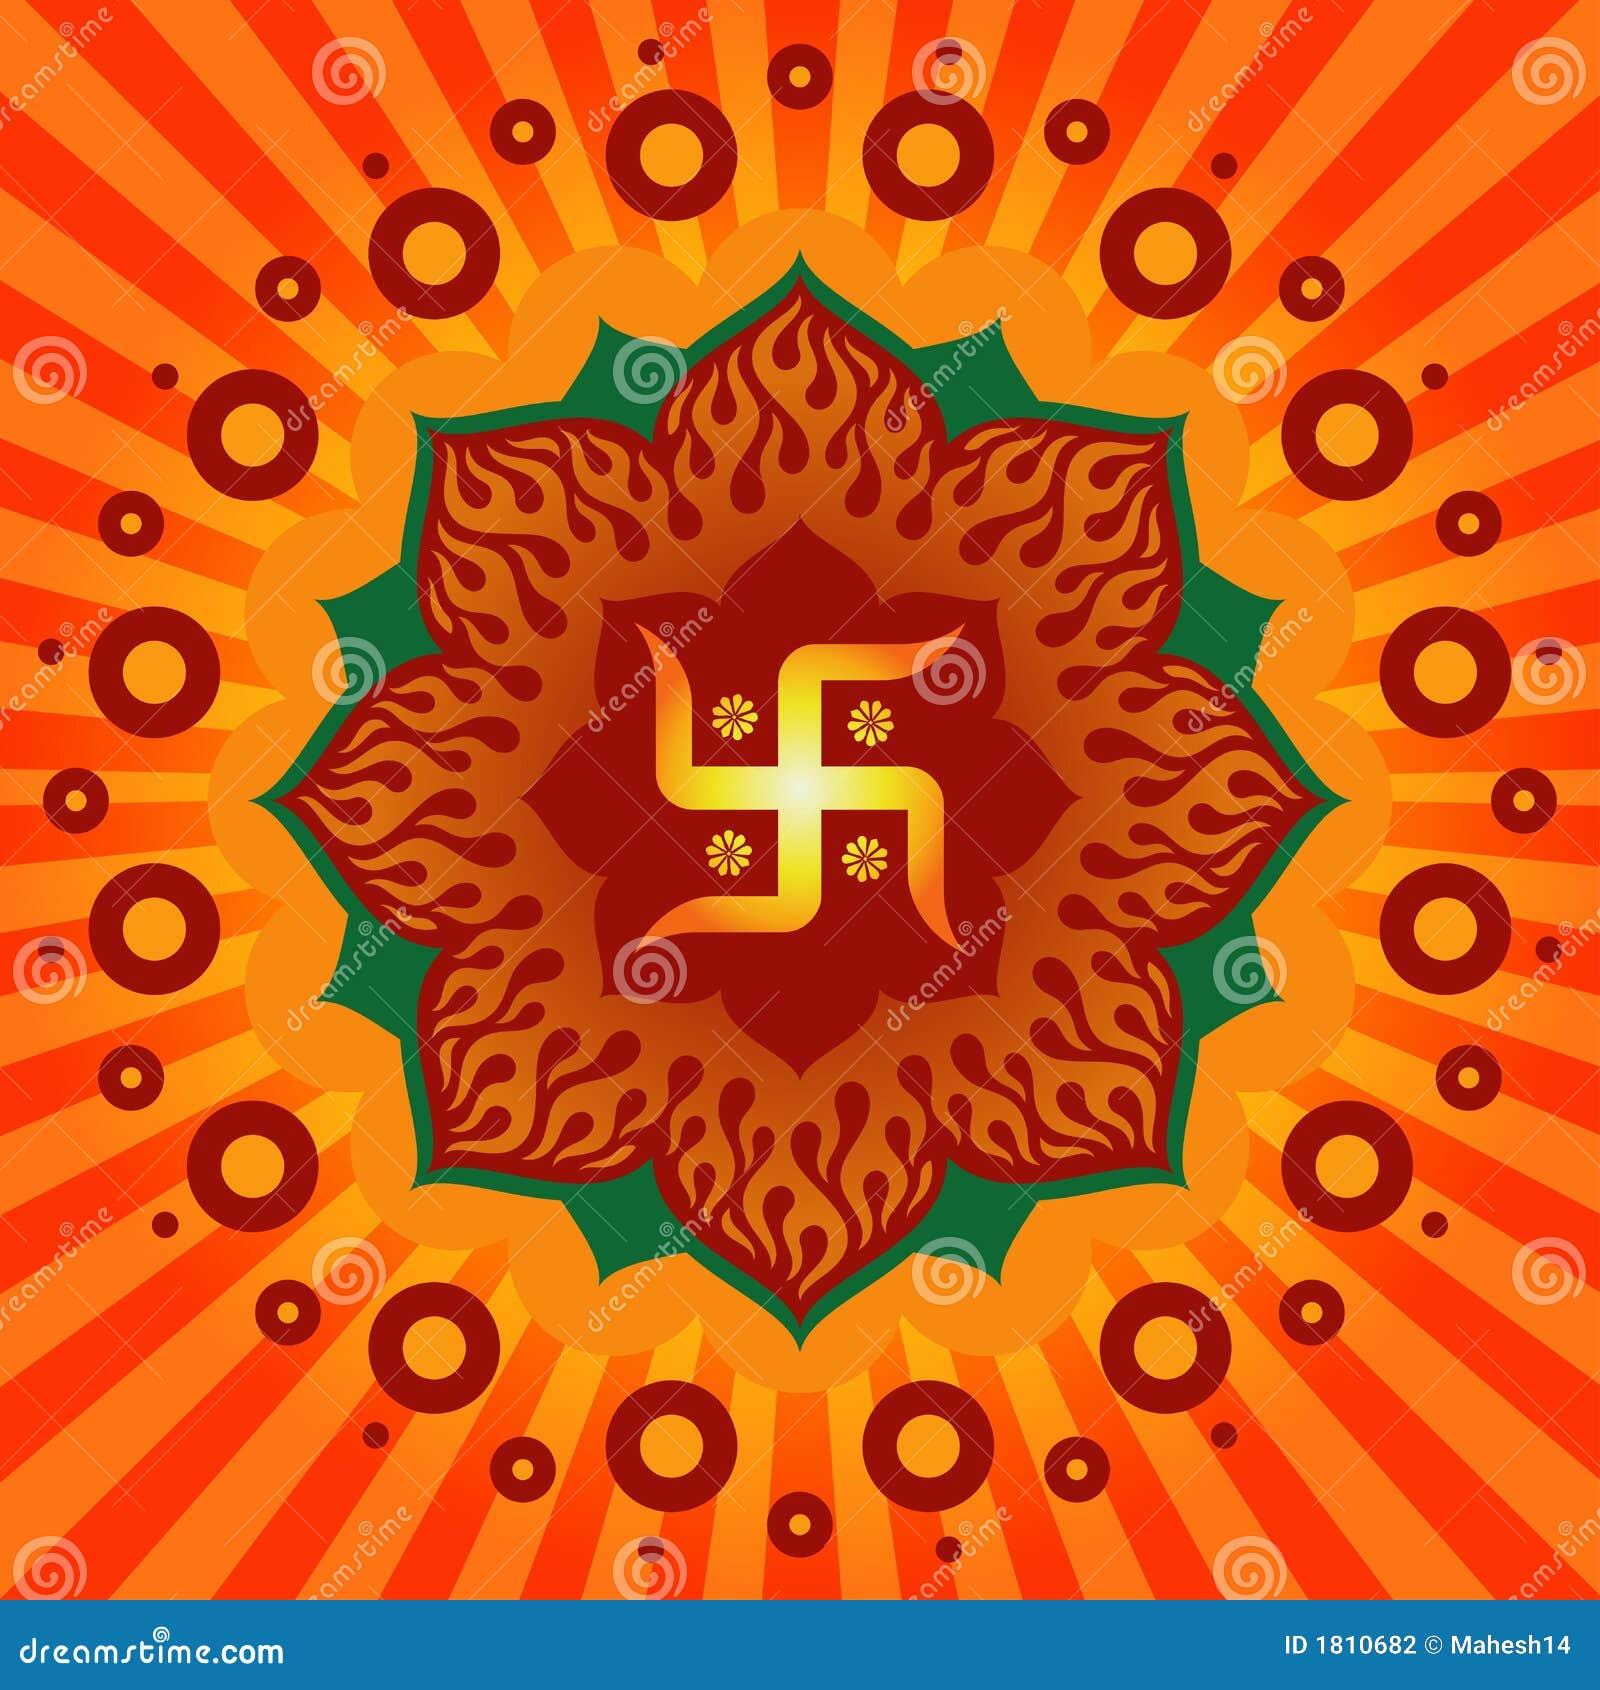 Swastik ! Stock Illustration. Image Of Decor, Fabric